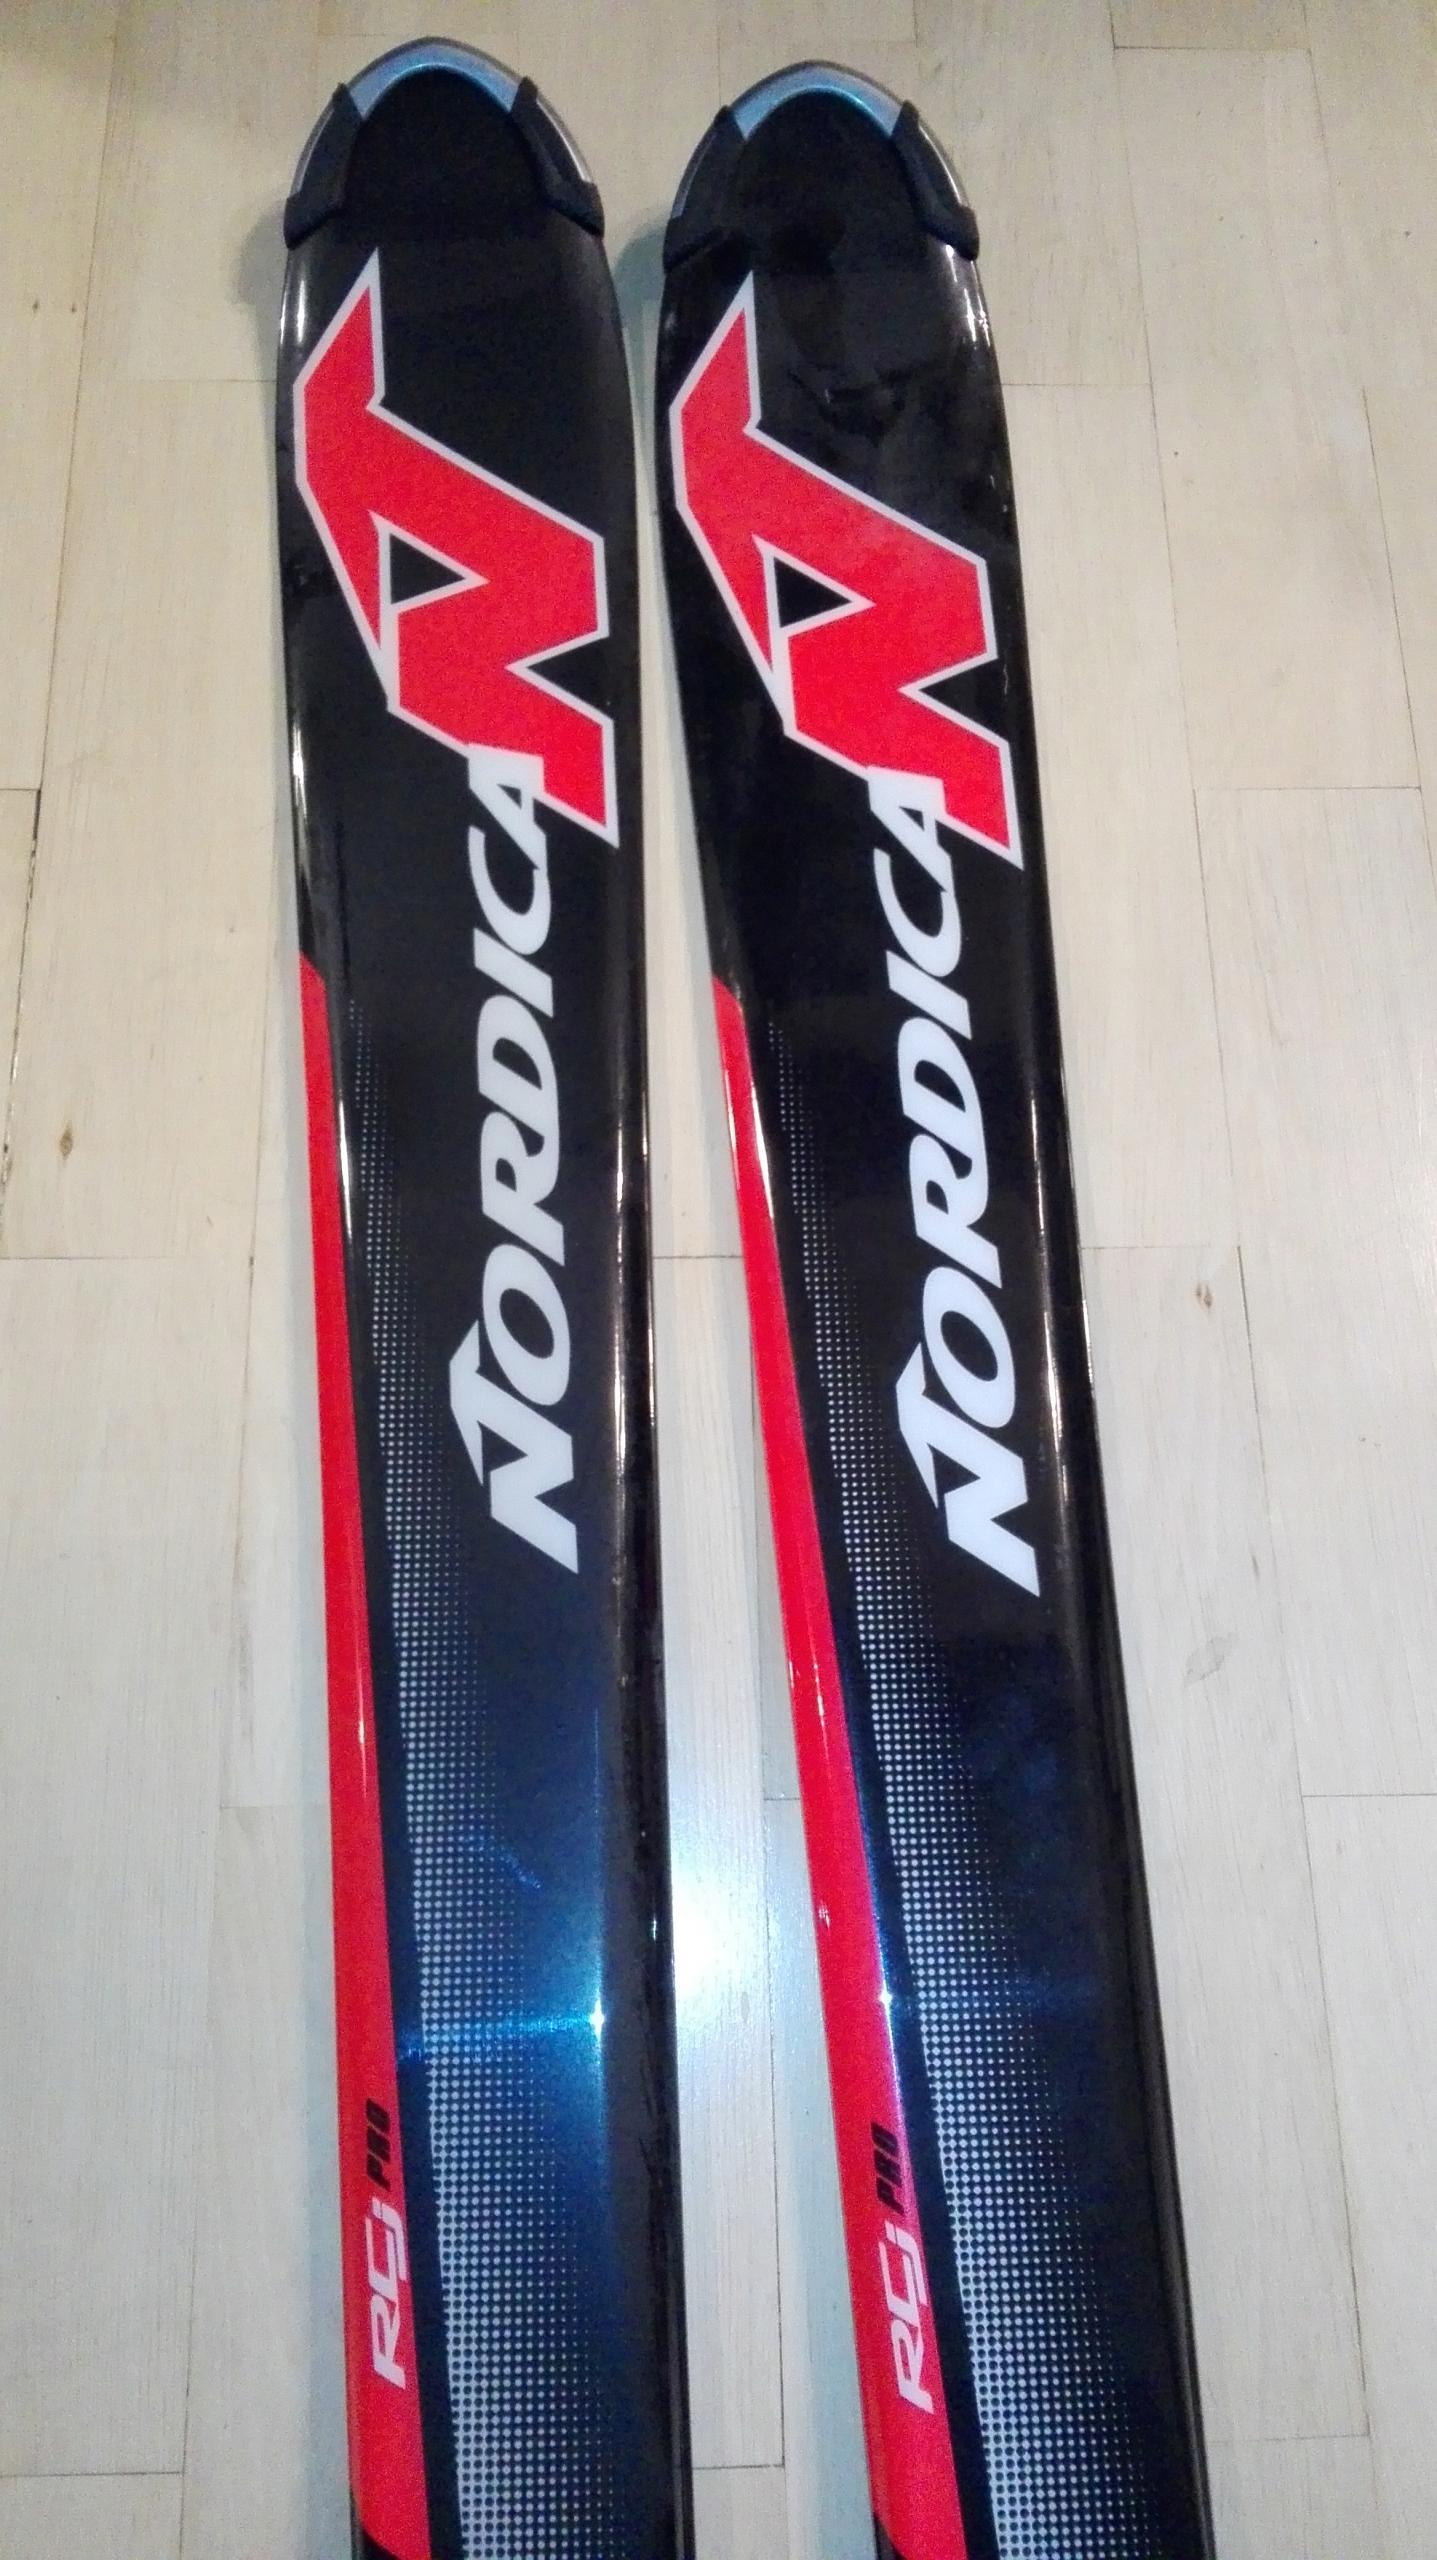 Купить Лыжи NORDICA DOBERMANN новые  связывания TYROLIA SL на Eurozakup - цены и фото - доставка из Польши и стран Европы в Украину.